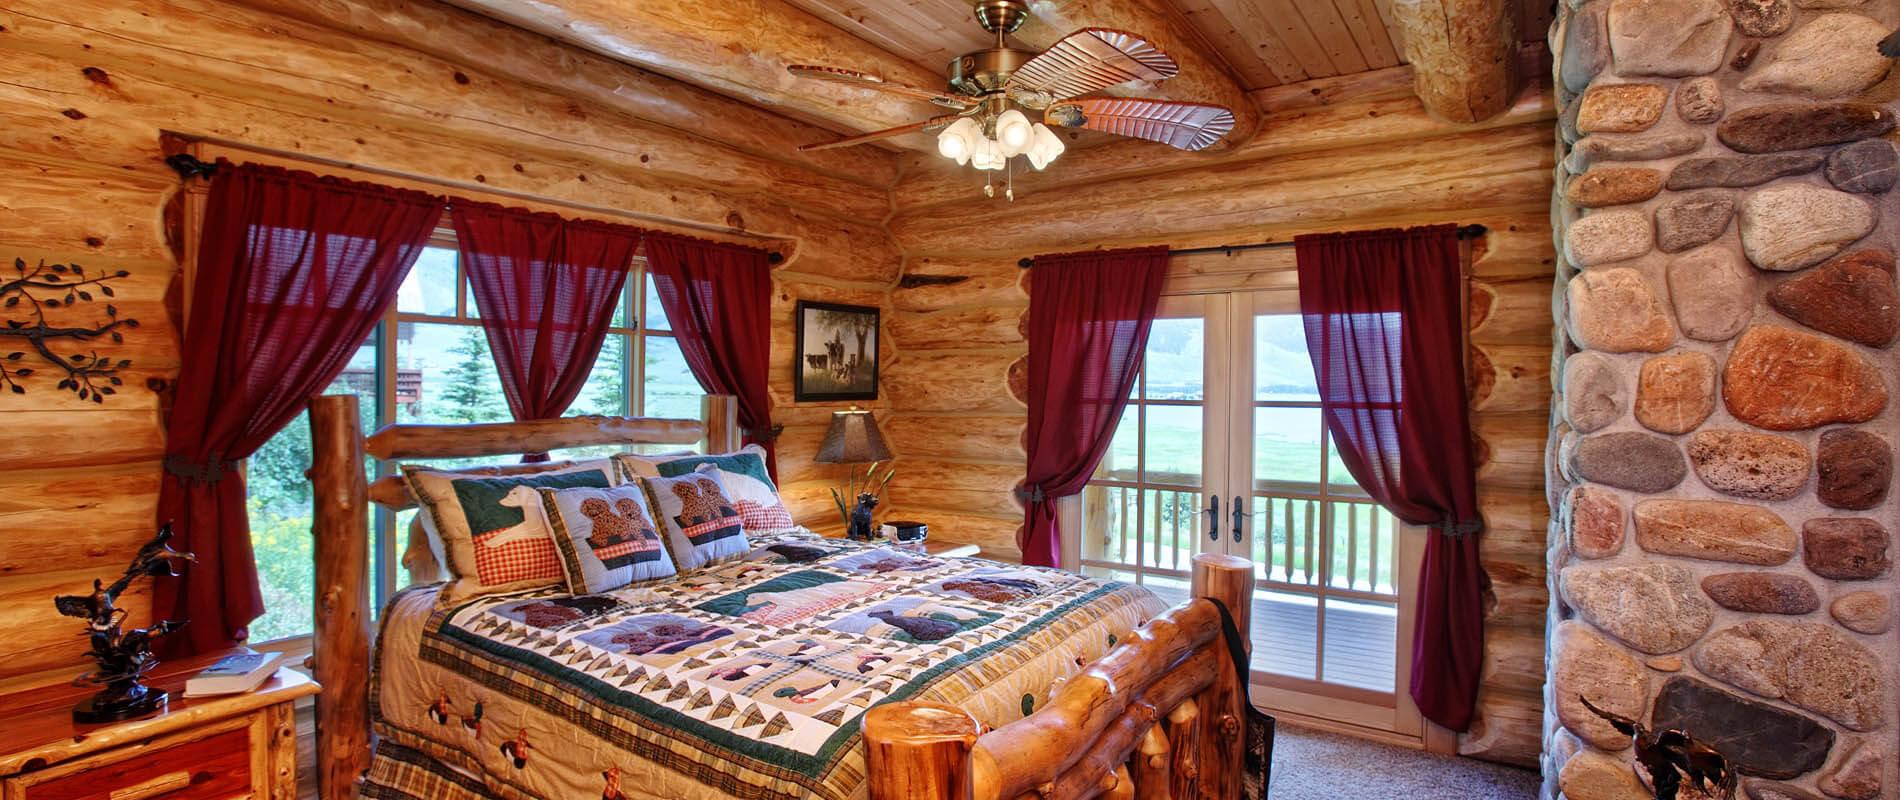 Where To Stay - Lake Hamilton